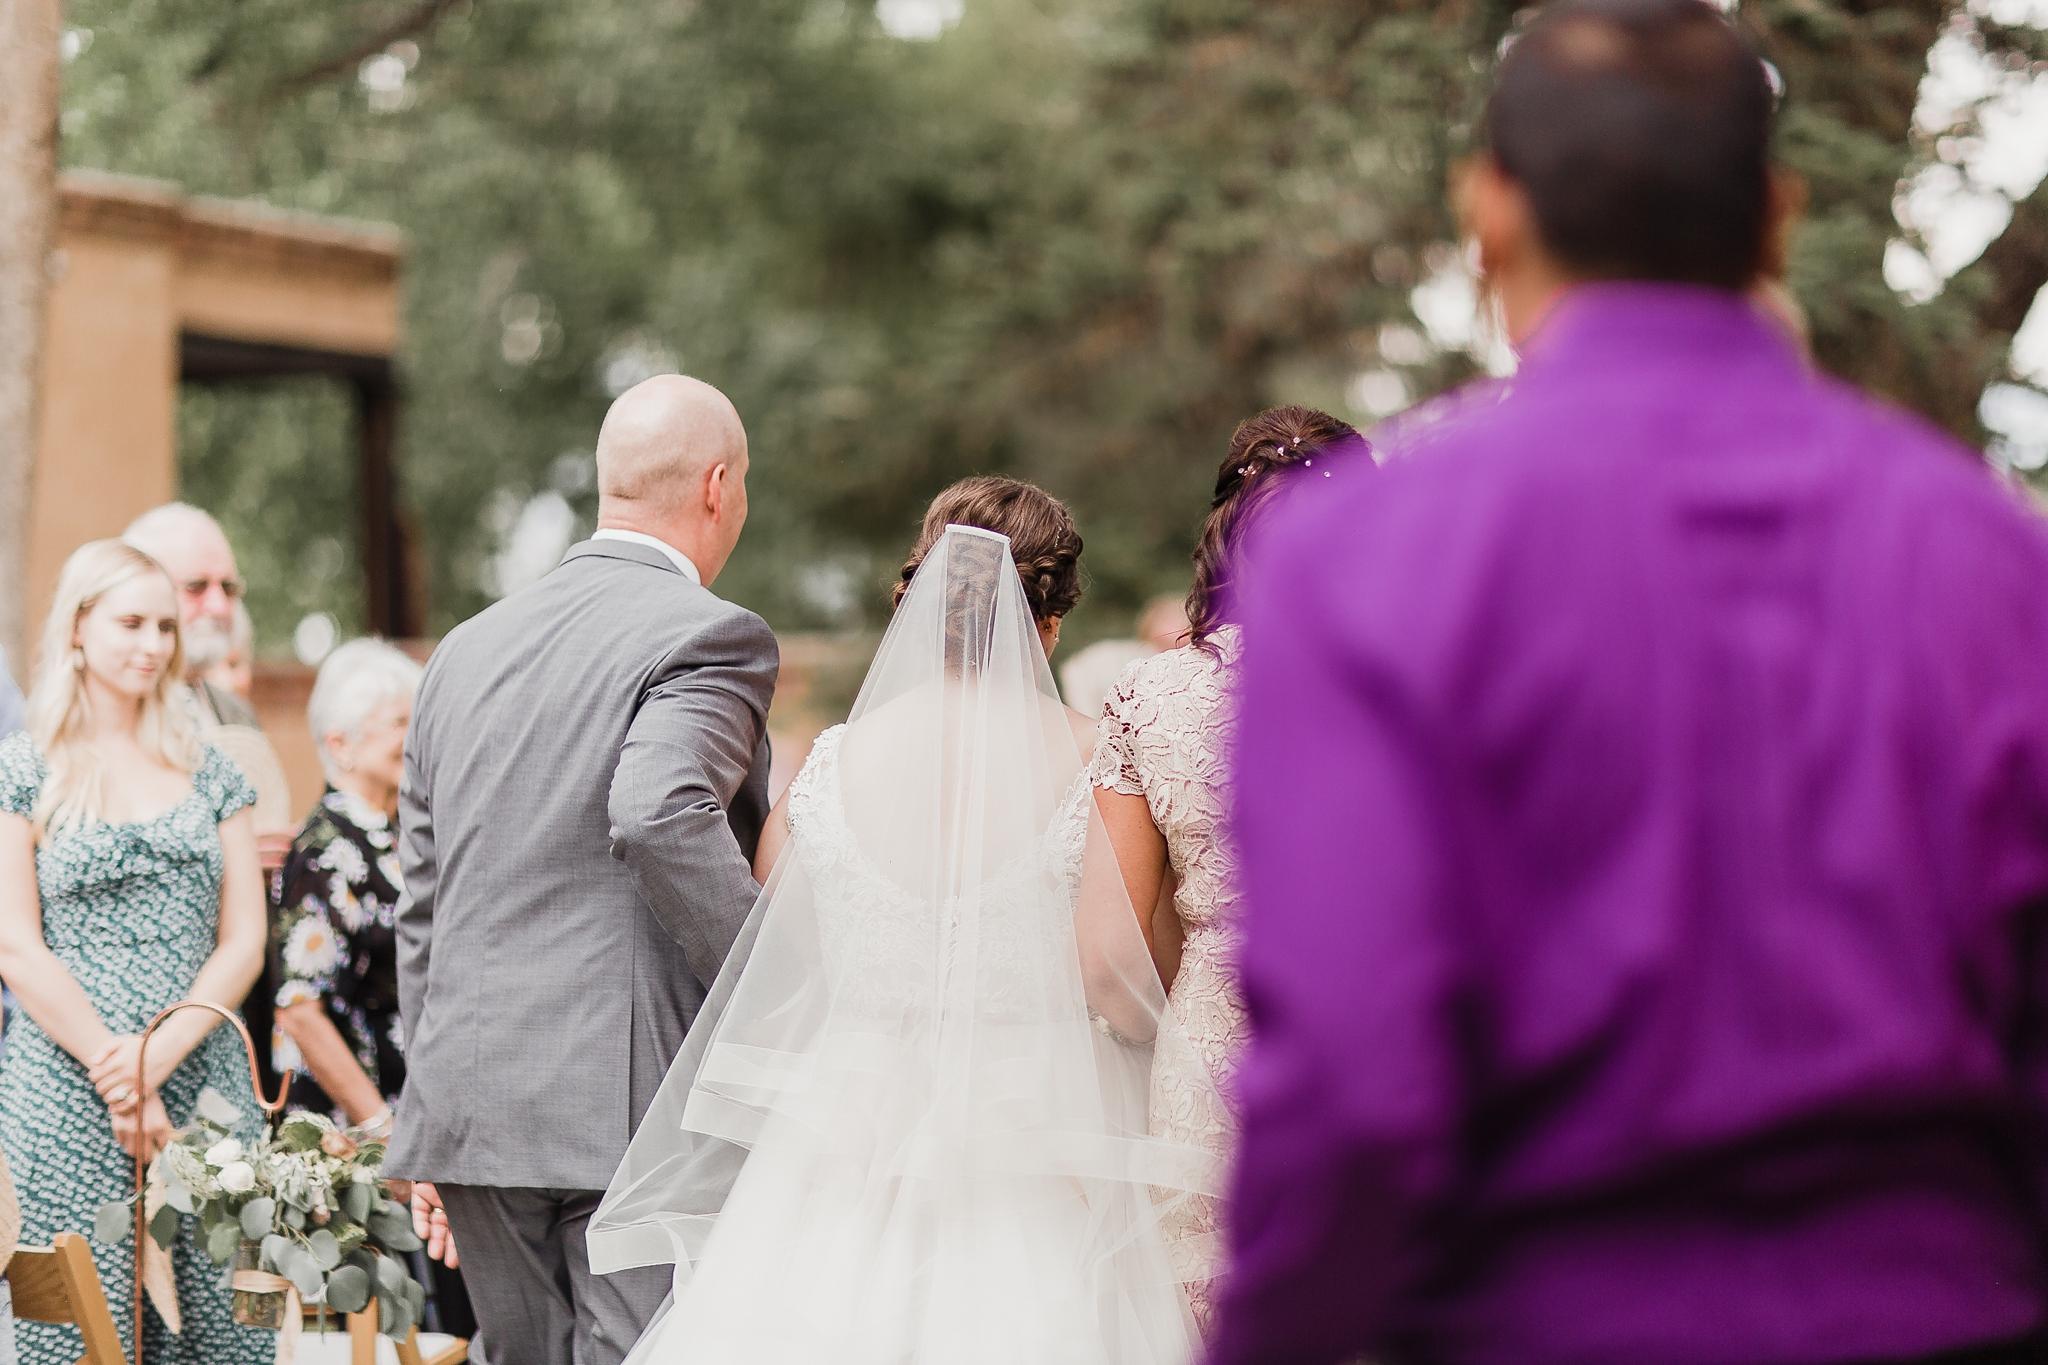 Alicia+lucia+photography+-+albuquerque+wedding+photographer+-+santa+fe+wedding+photography+-+new+mexico+wedding+photographer+-+new+mexico+wedding+-+summer+wedding+-+los+poblanos+wedding+-+albuquerque+wedding_0035.jpg